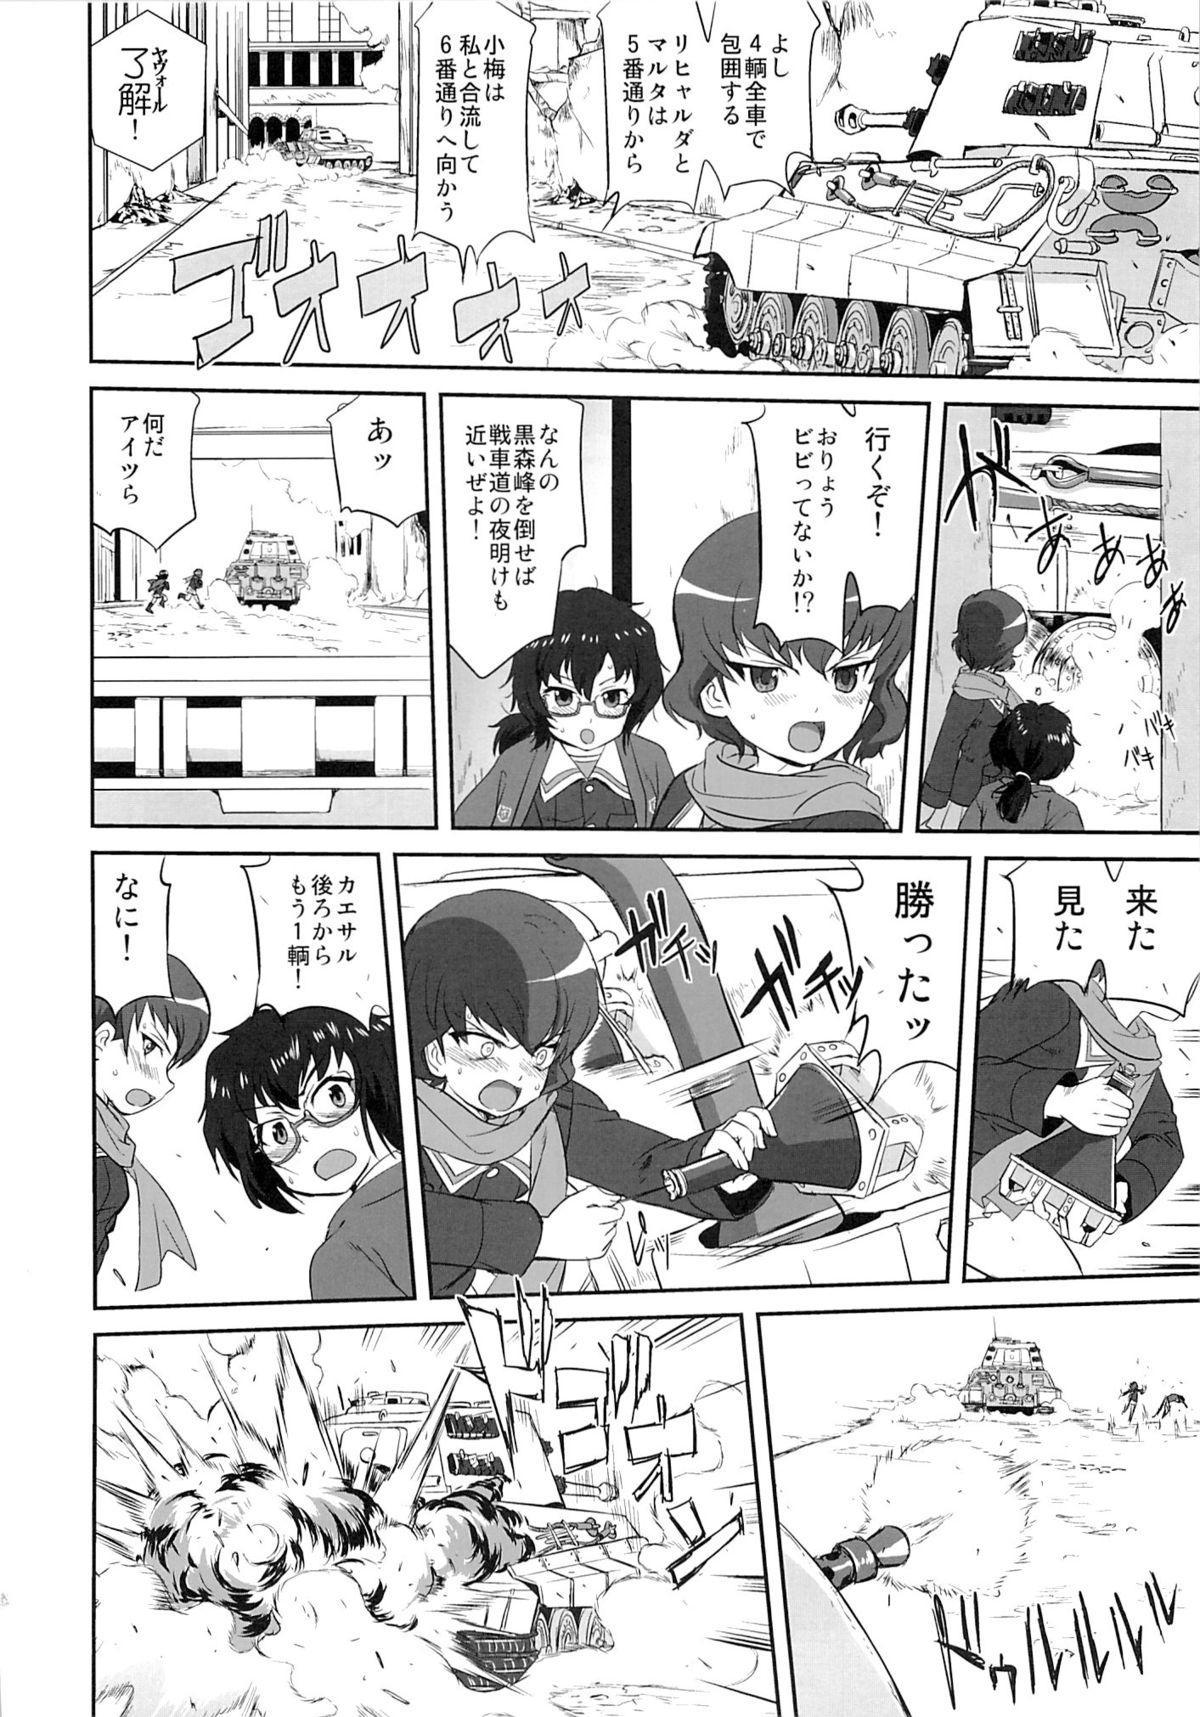 Yukiyukite Senshadou Kuromorimine no Tatakai 44